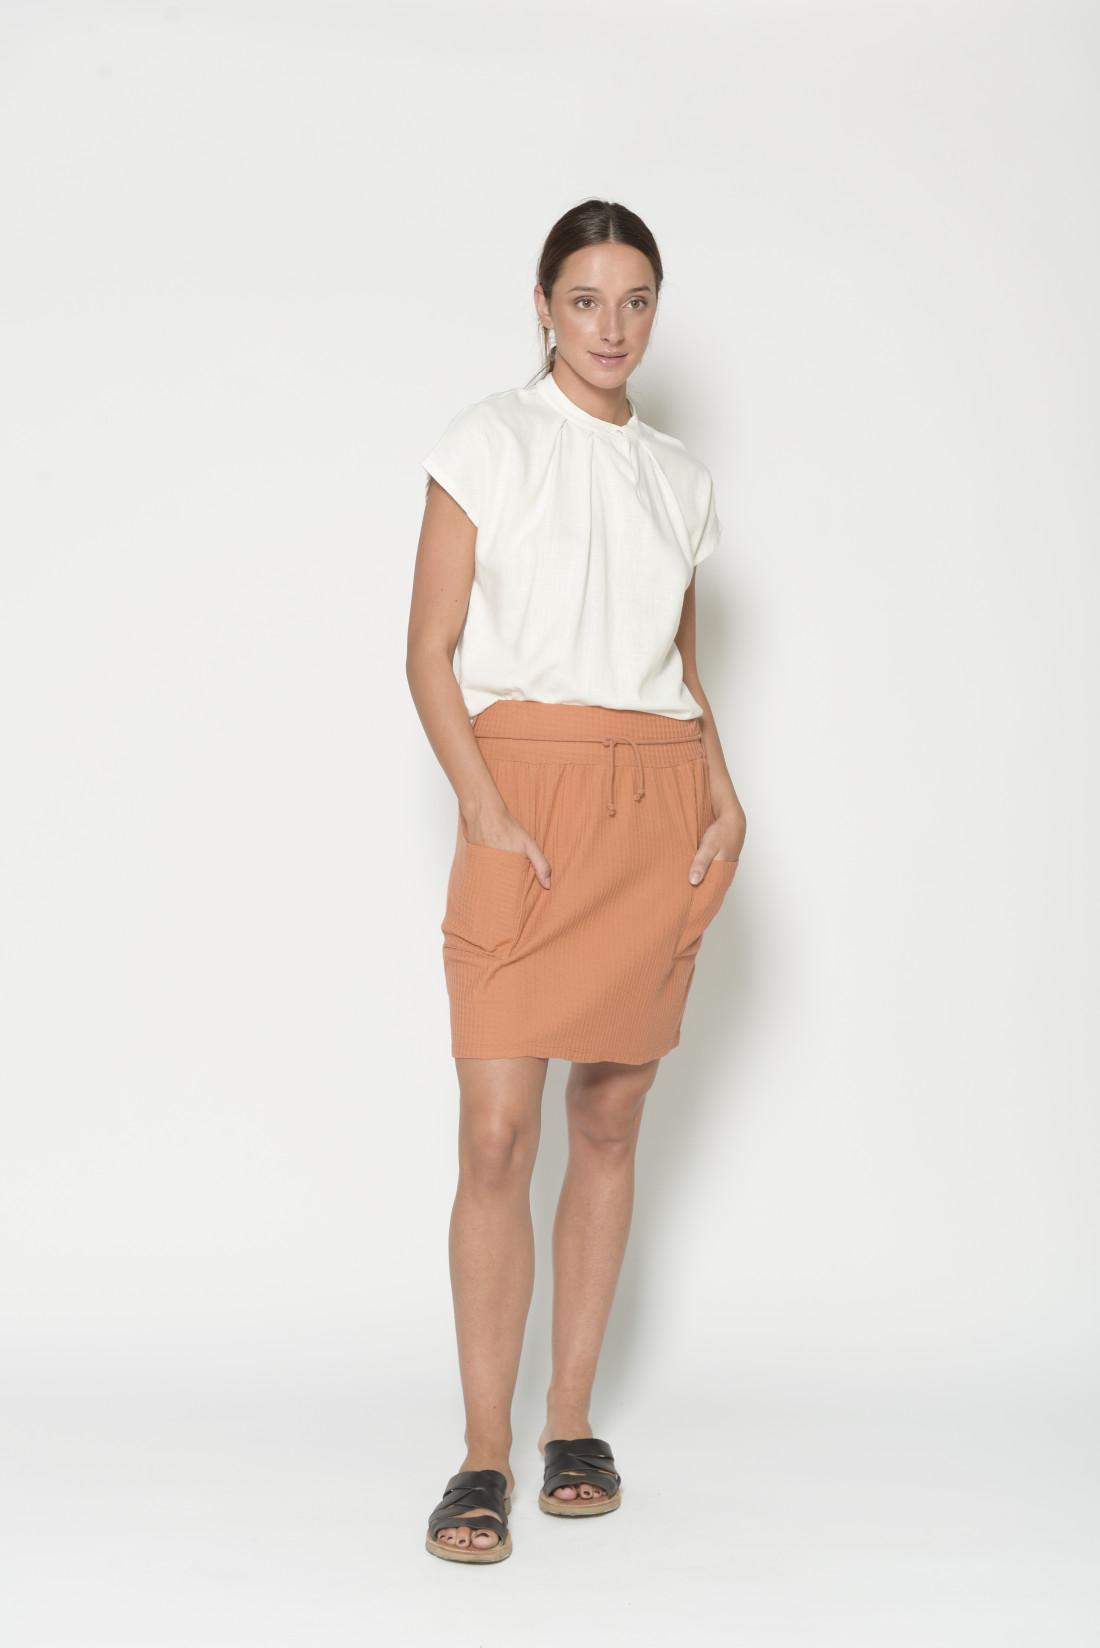 Camisa color crudo manga corta, cuello tira con botón, 85% viscosa,15% lino. Pan Productos Basico